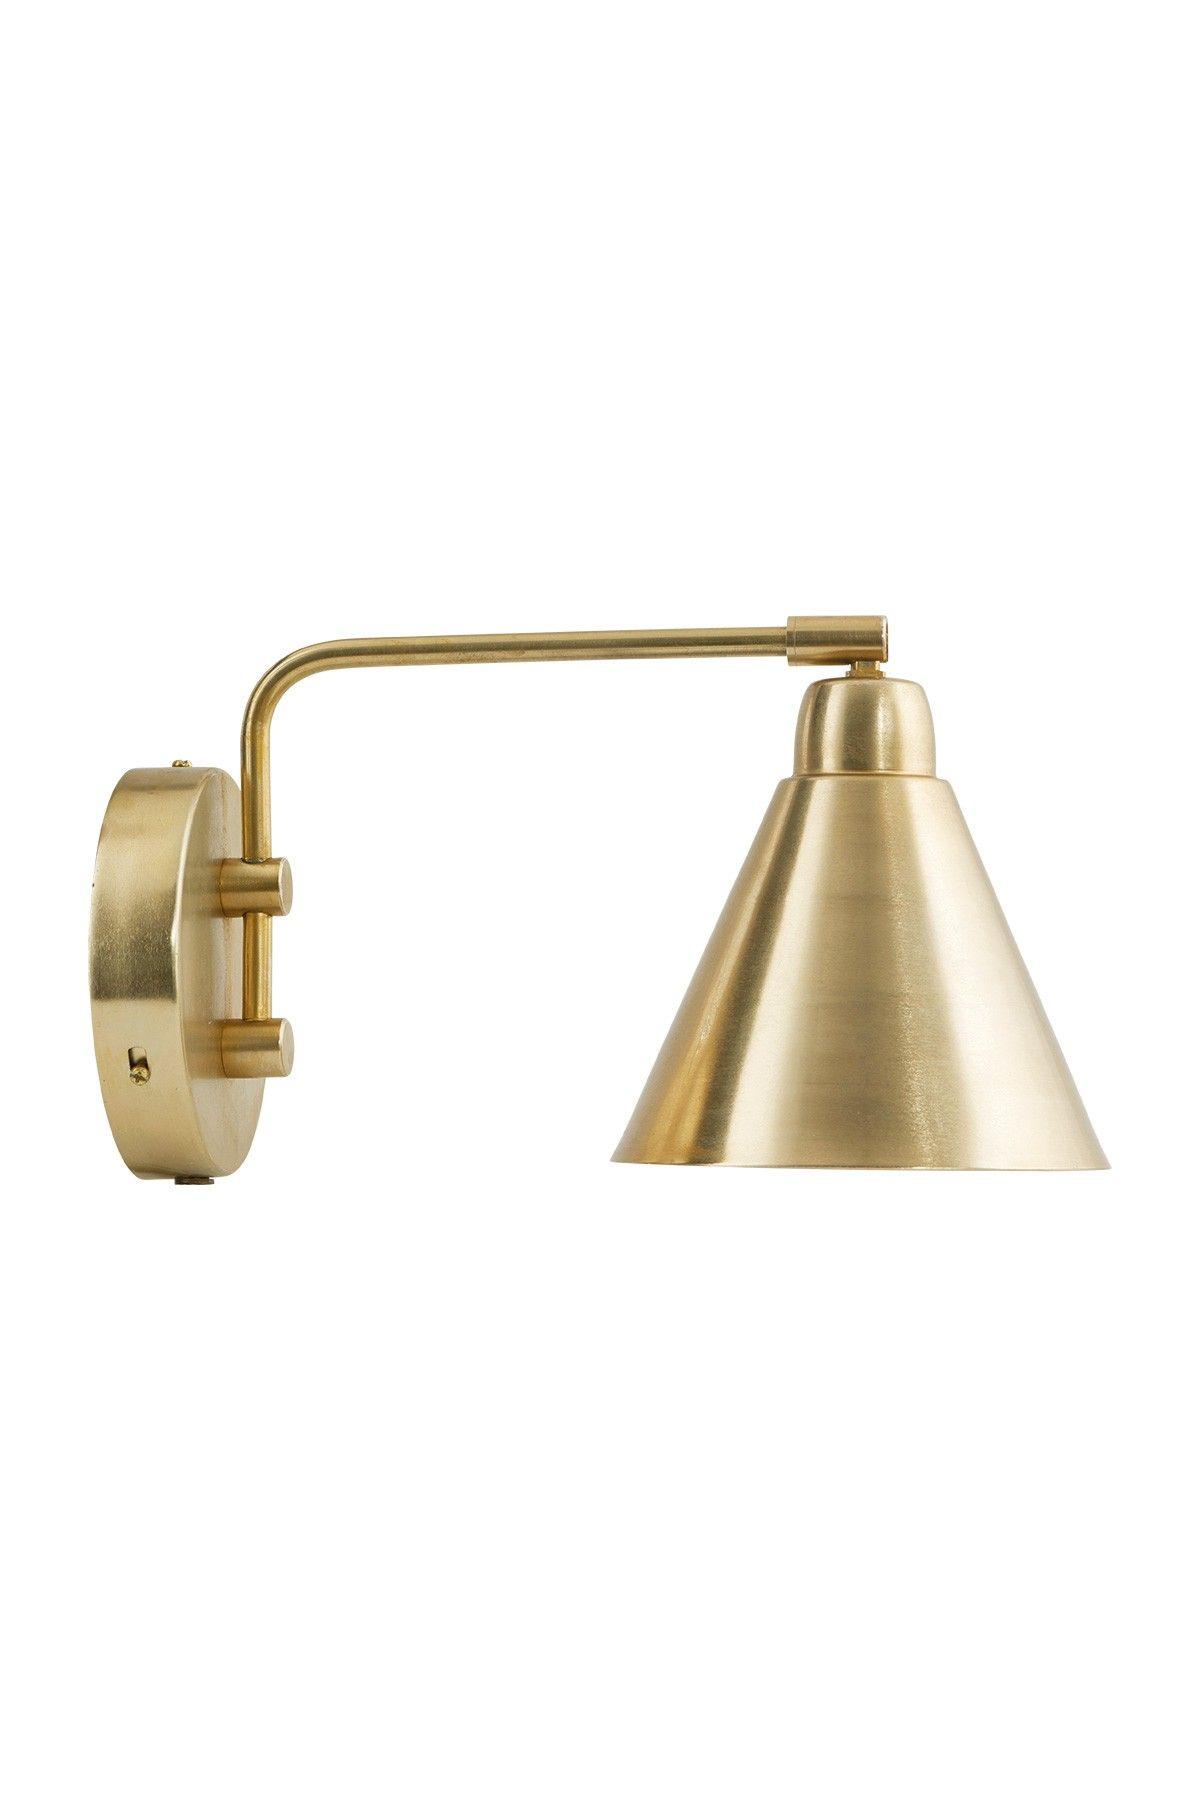 game wandlampe cb0643 house doctor ab 125 00 bestpreis garantie versandkostenfrei 28 tage. Black Bedroom Furniture Sets. Home Design Ideas